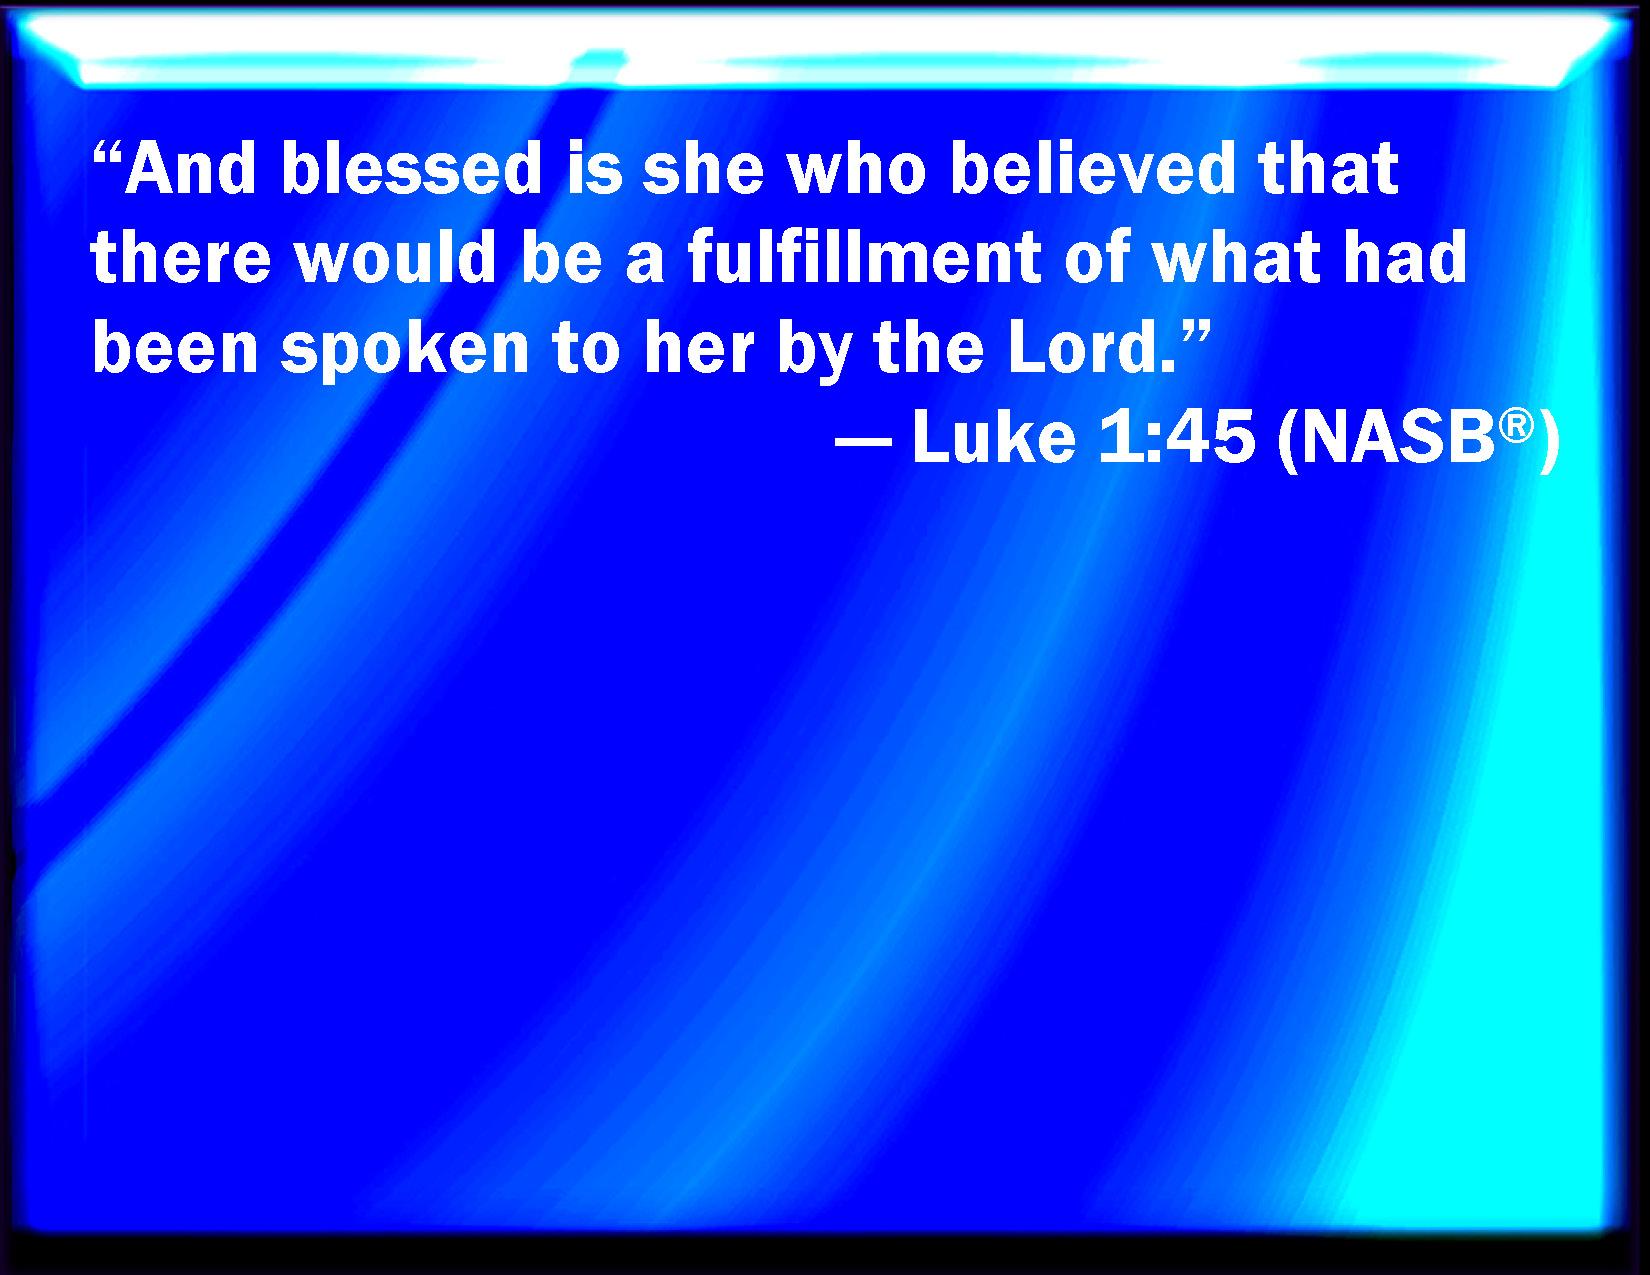 Luke 1 45